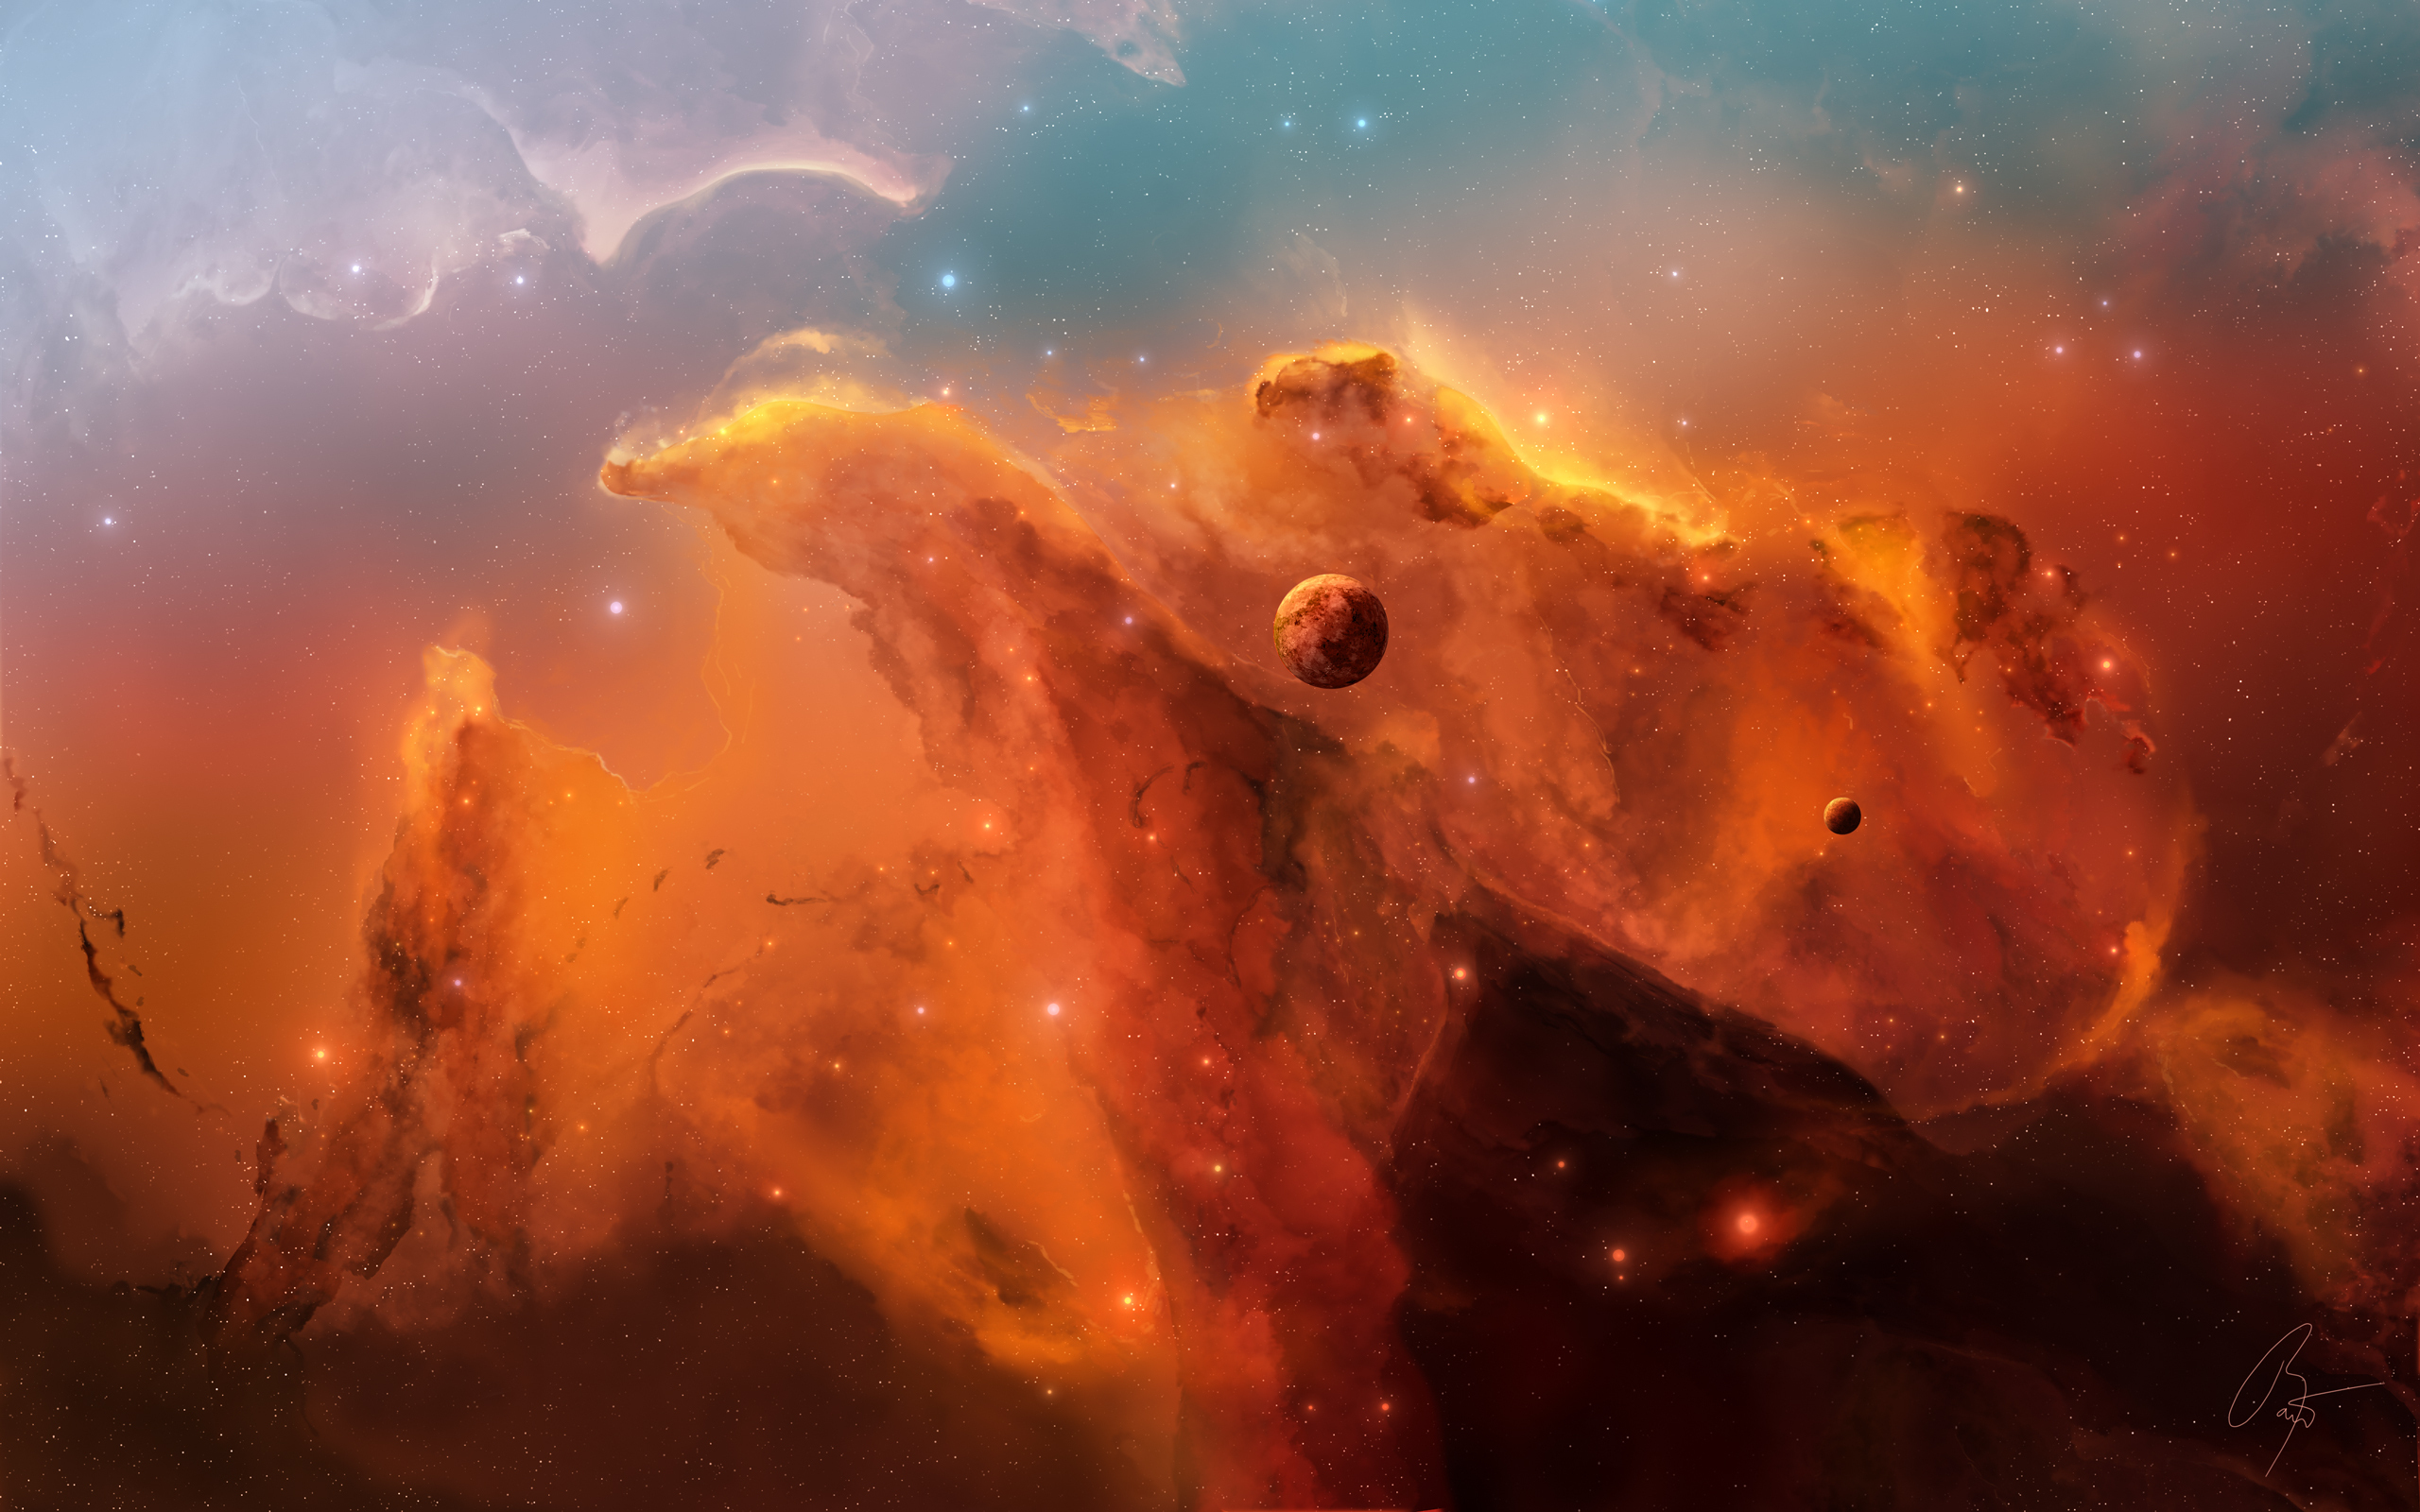 Обои галактика космос свет картинки на рабочий стол на тему Космос - скачать  № 1758669 бесплатно